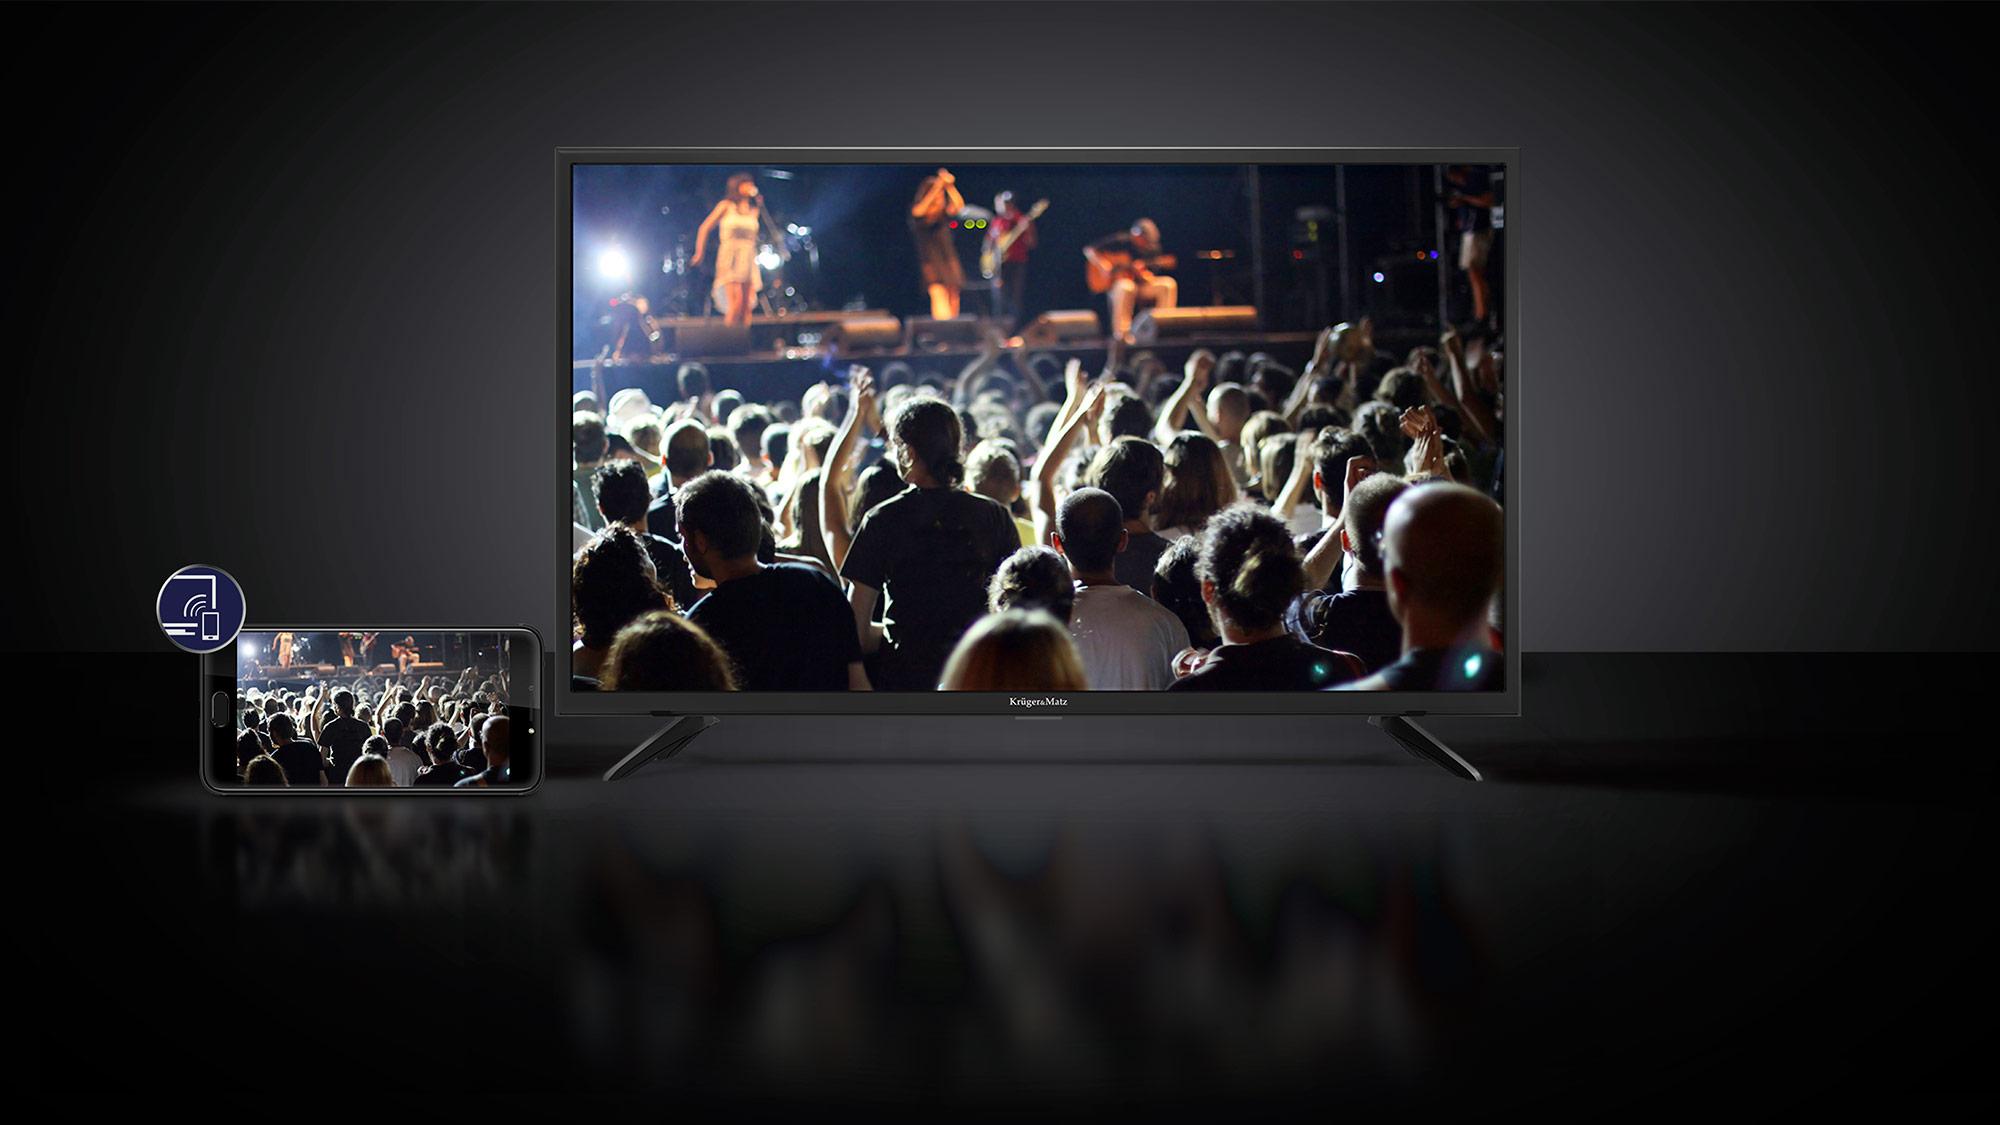 Chcesz pochwalić się filmami i zdjęciami zapisanymi na smartfonie? A może masz ochotę zagrać w ulubioną grę na ekranie większym niż 5 cali? Jest to możliwe dzięki funkcji Wi-Fi display, która pozwala na bezprzewodowe strumieniowanie treści z urządzenia mobilnego wprost na ekran telewizora.